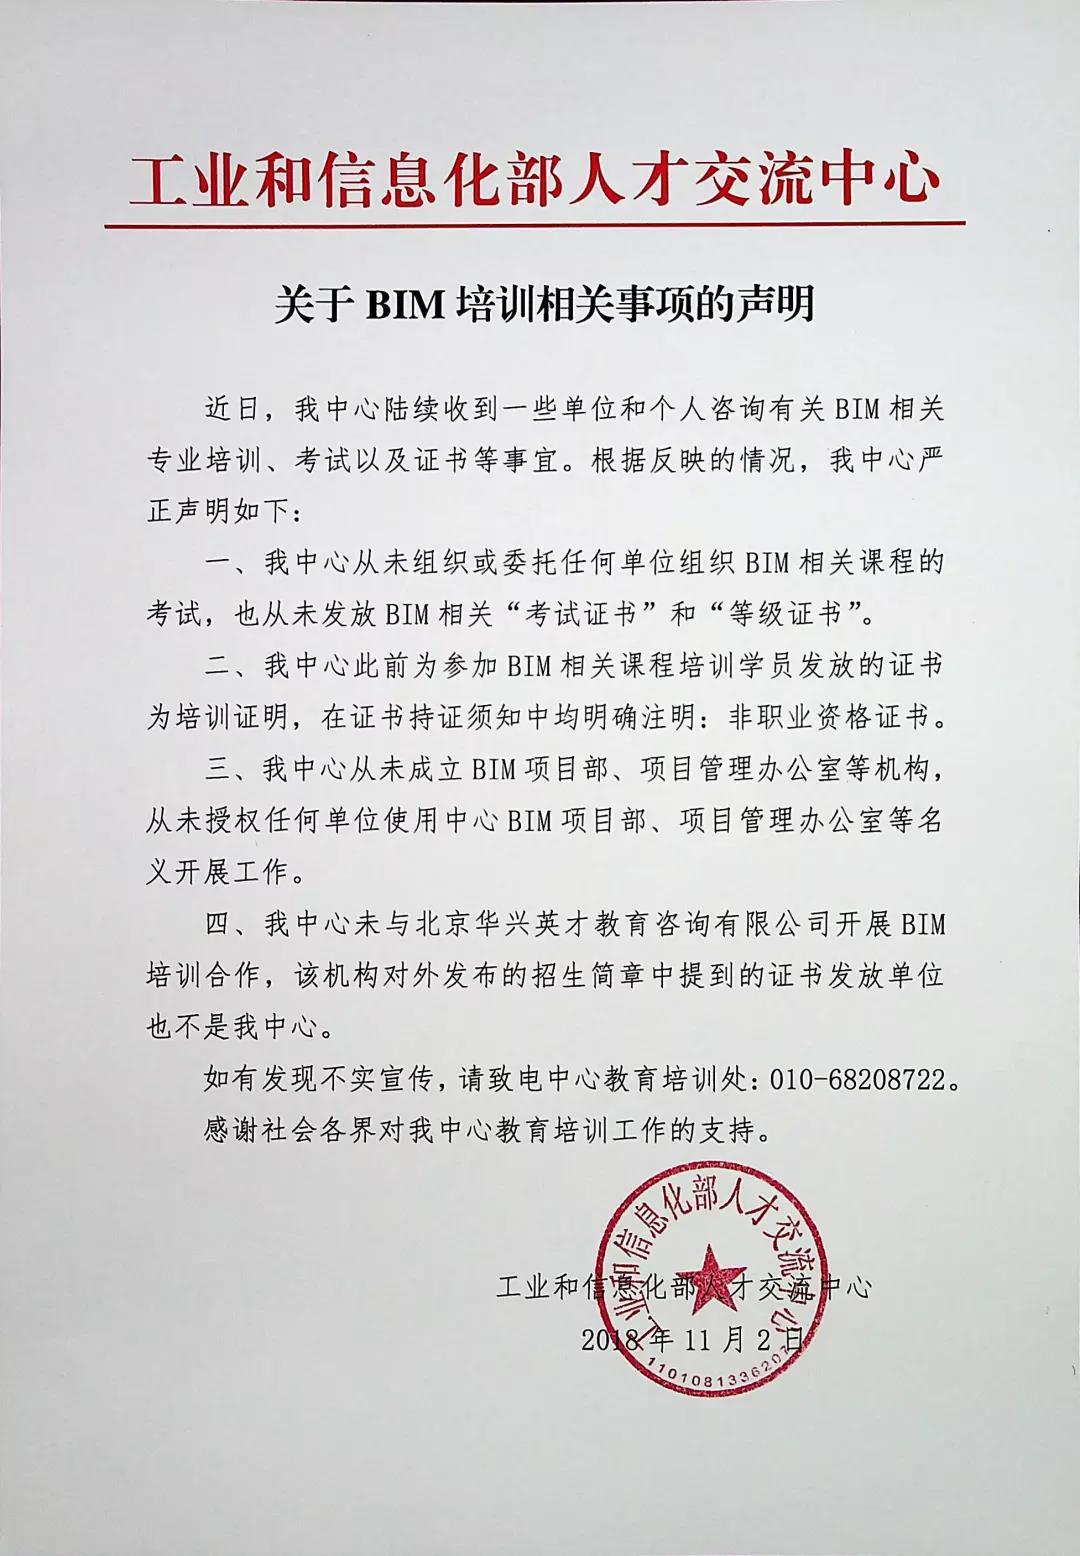 BIM证书-工信部人才交流中心